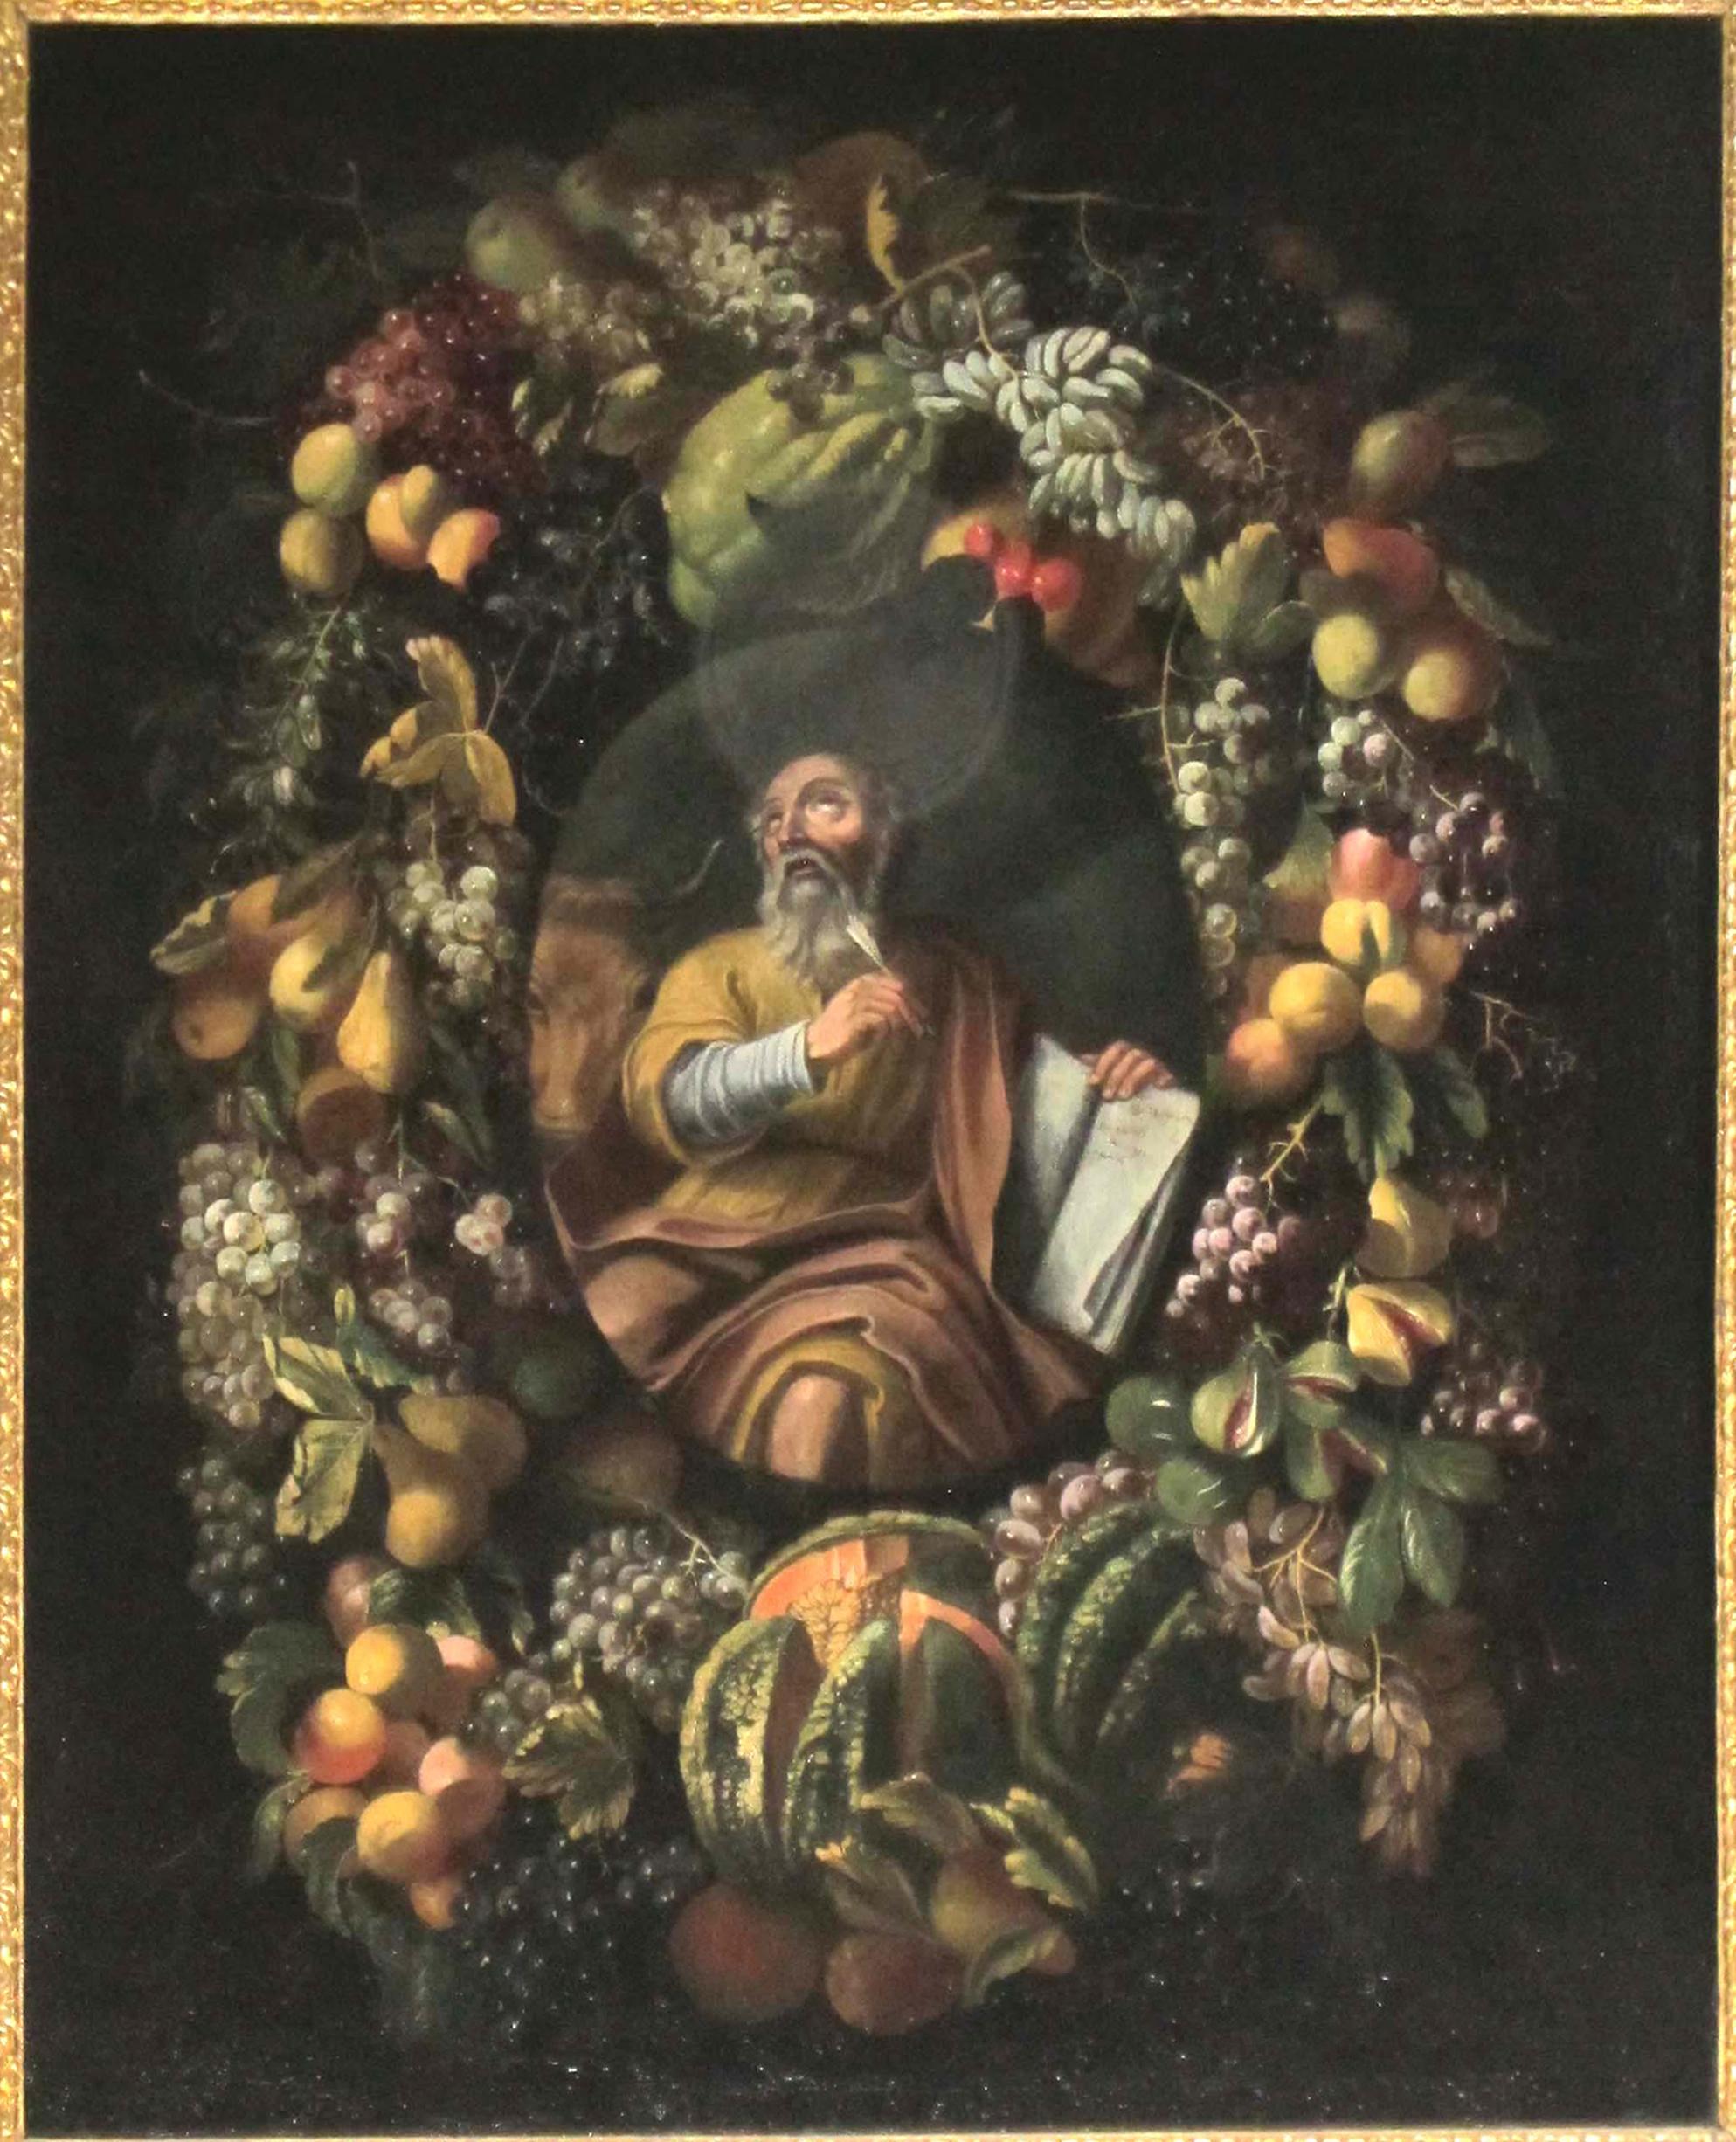 CARLO LANFRANCHI e IGNOTO FIGURISTA PIEMONTESE, L'Evangelista Luca entro una ghirlanda di frutta (1670-80 ca.)